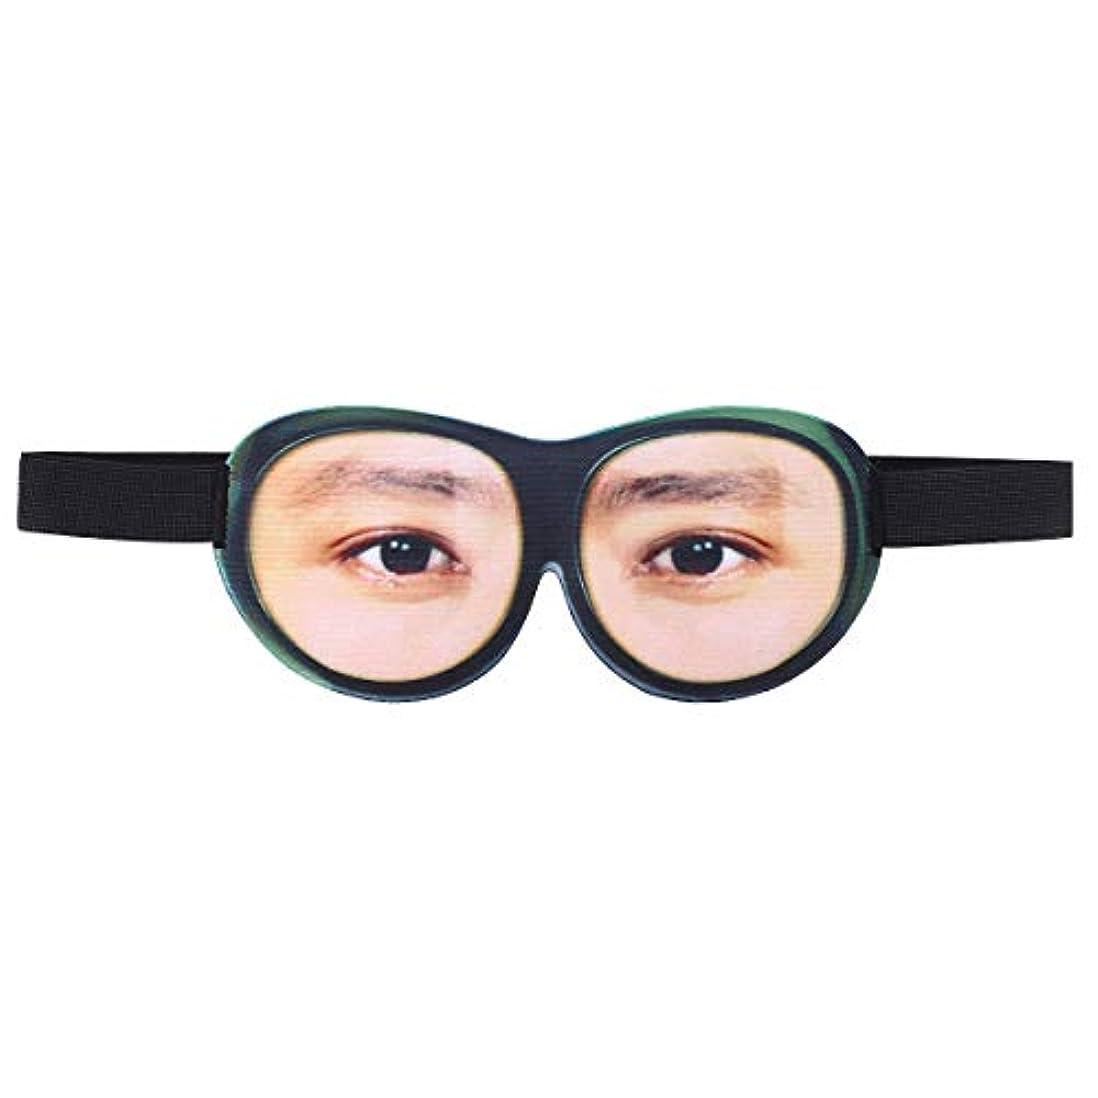 罰ログ事実Healifty 睡眠目隠し3D面白いアイシェード通気性睡眠マスク旅行睡眠ヘルパーアイシェード用男性と女性